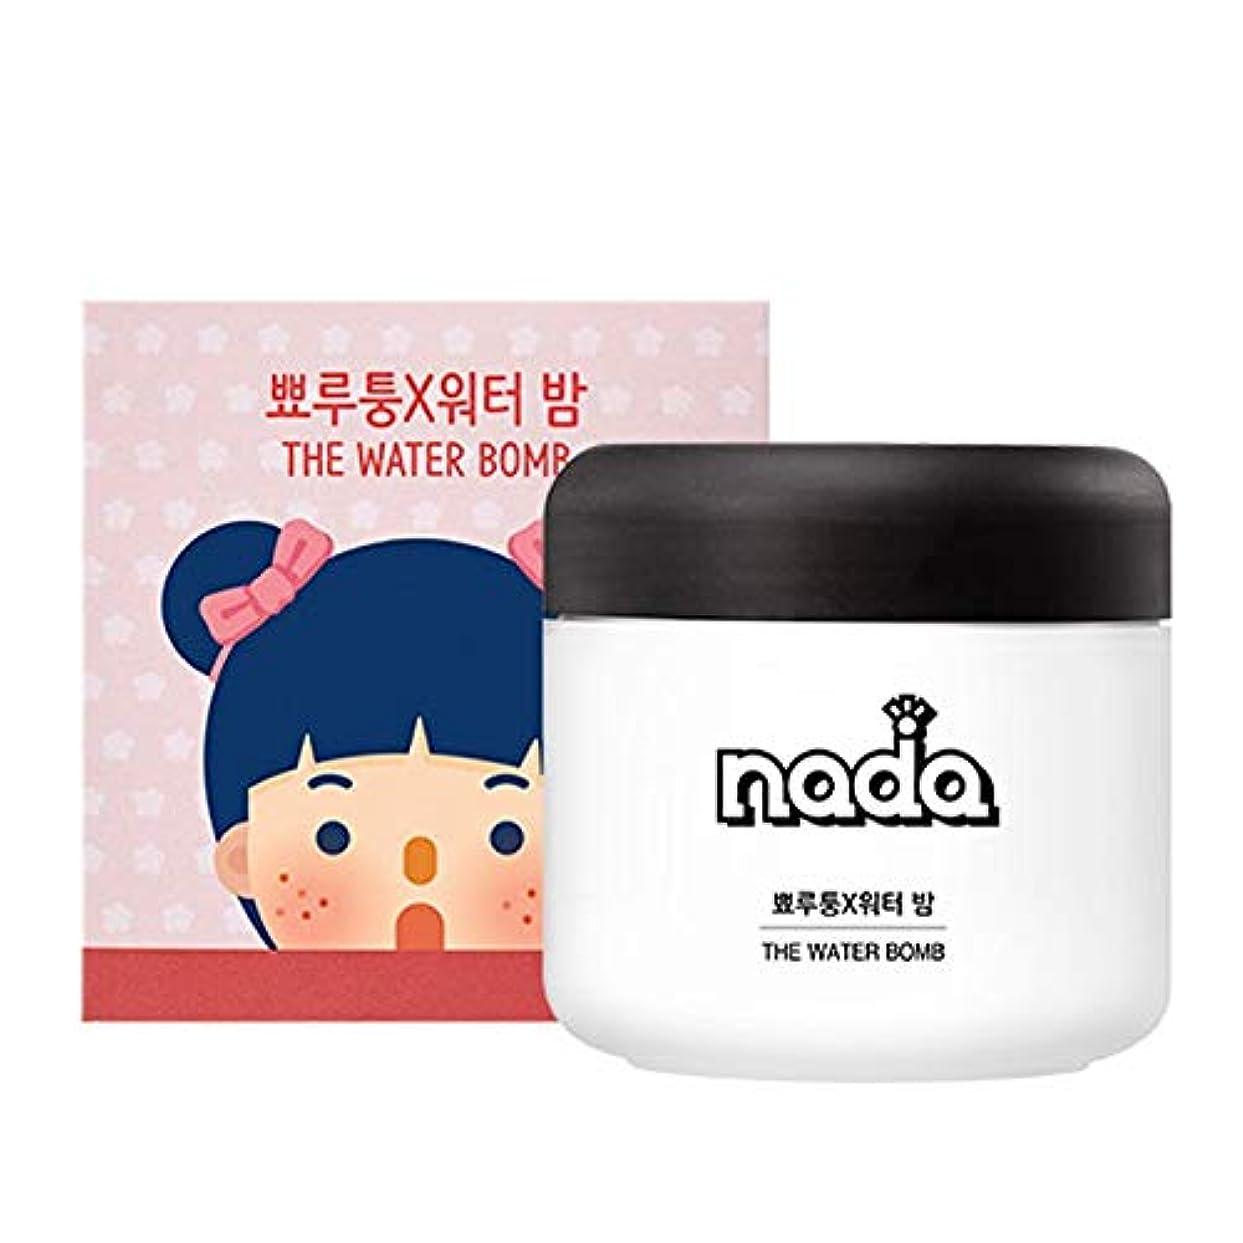 玉タバコ覗くBEST韓国水爆弾50グラムモイスチャライジングフェイスクリームケア寧アンチリンクル化粧品NADA